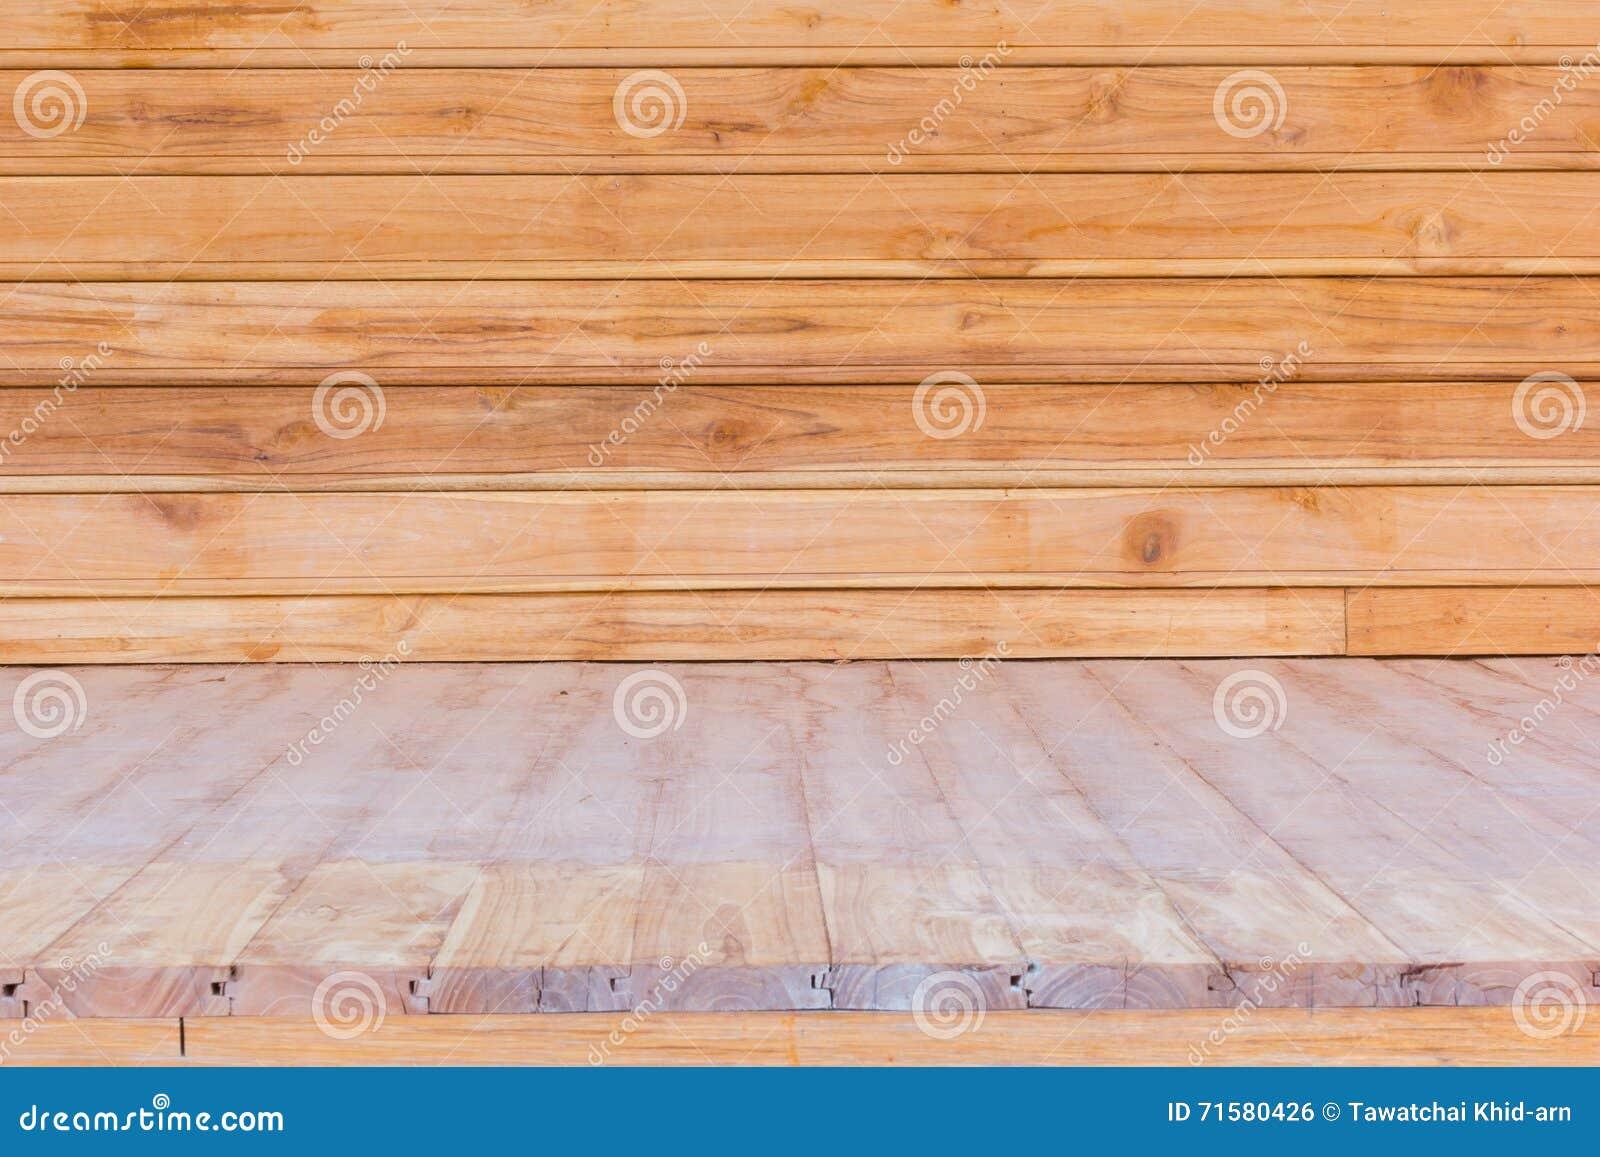 plancher en bois et mur utilis s pour le fond photo stock - Bois Decoratif Pour Mur